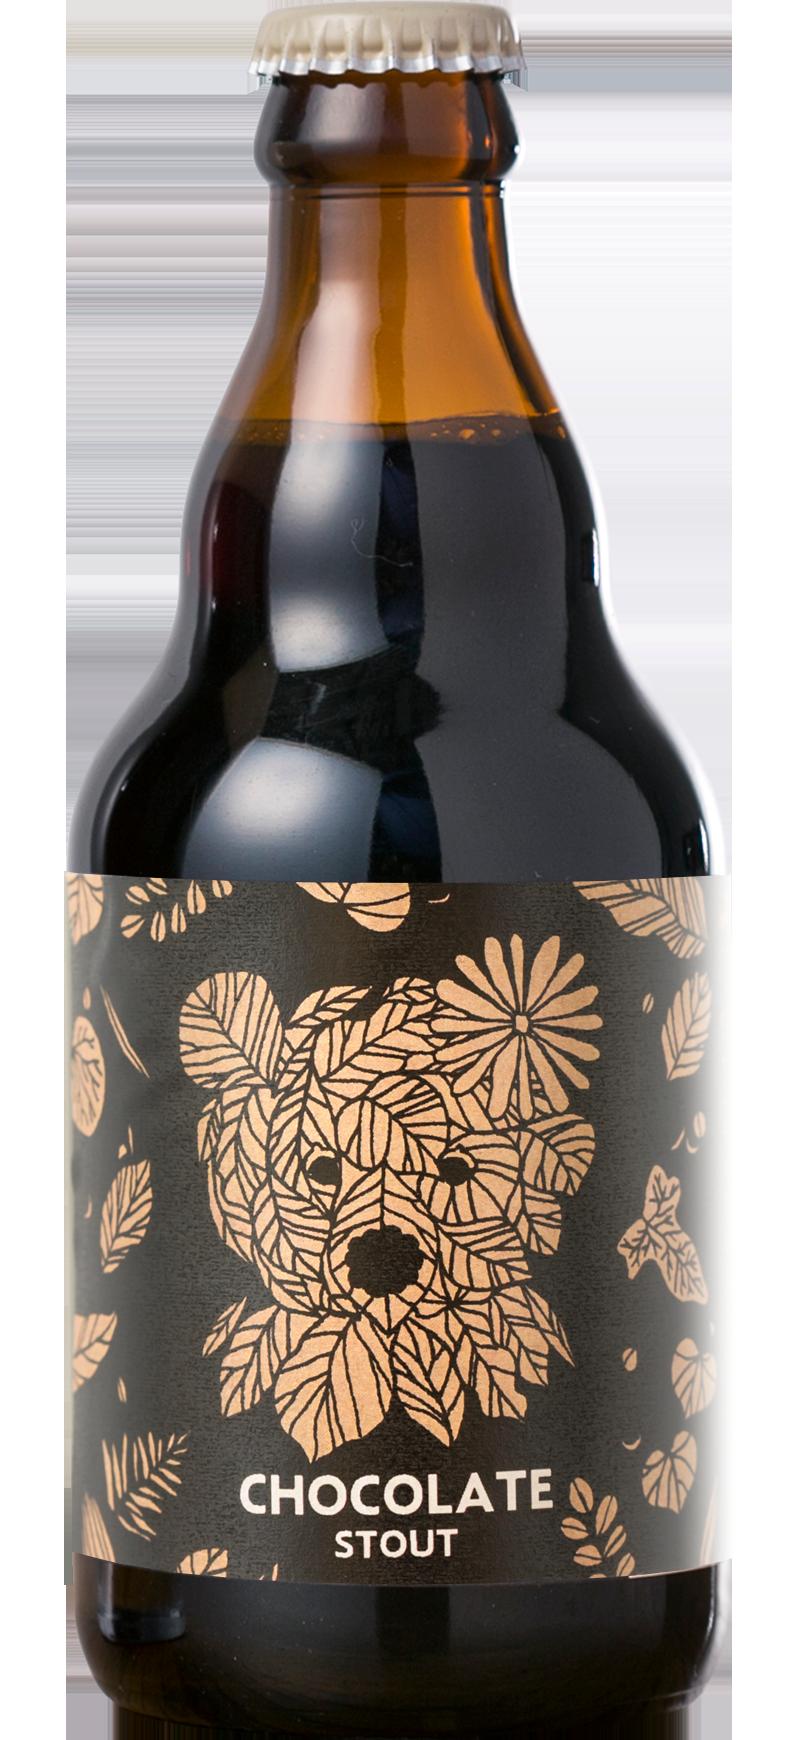 Baeren chocolate stout beer ボトル-チョコレートスタウト.png